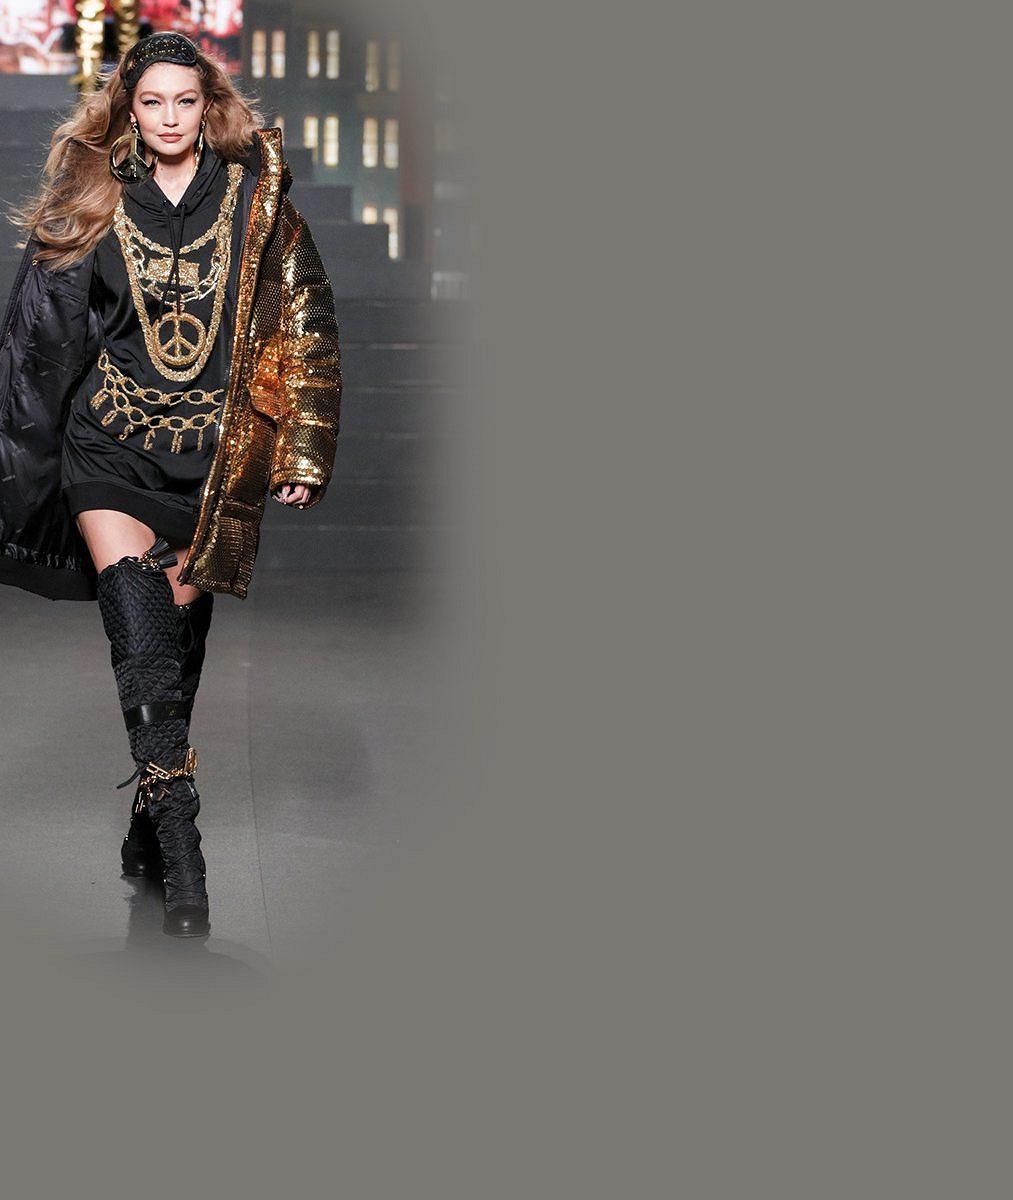 11nejvýraznějších modelů uplynulých ročníků Met Gala: Takhle slavné dámy předváděly svoje křivky vminulých letech